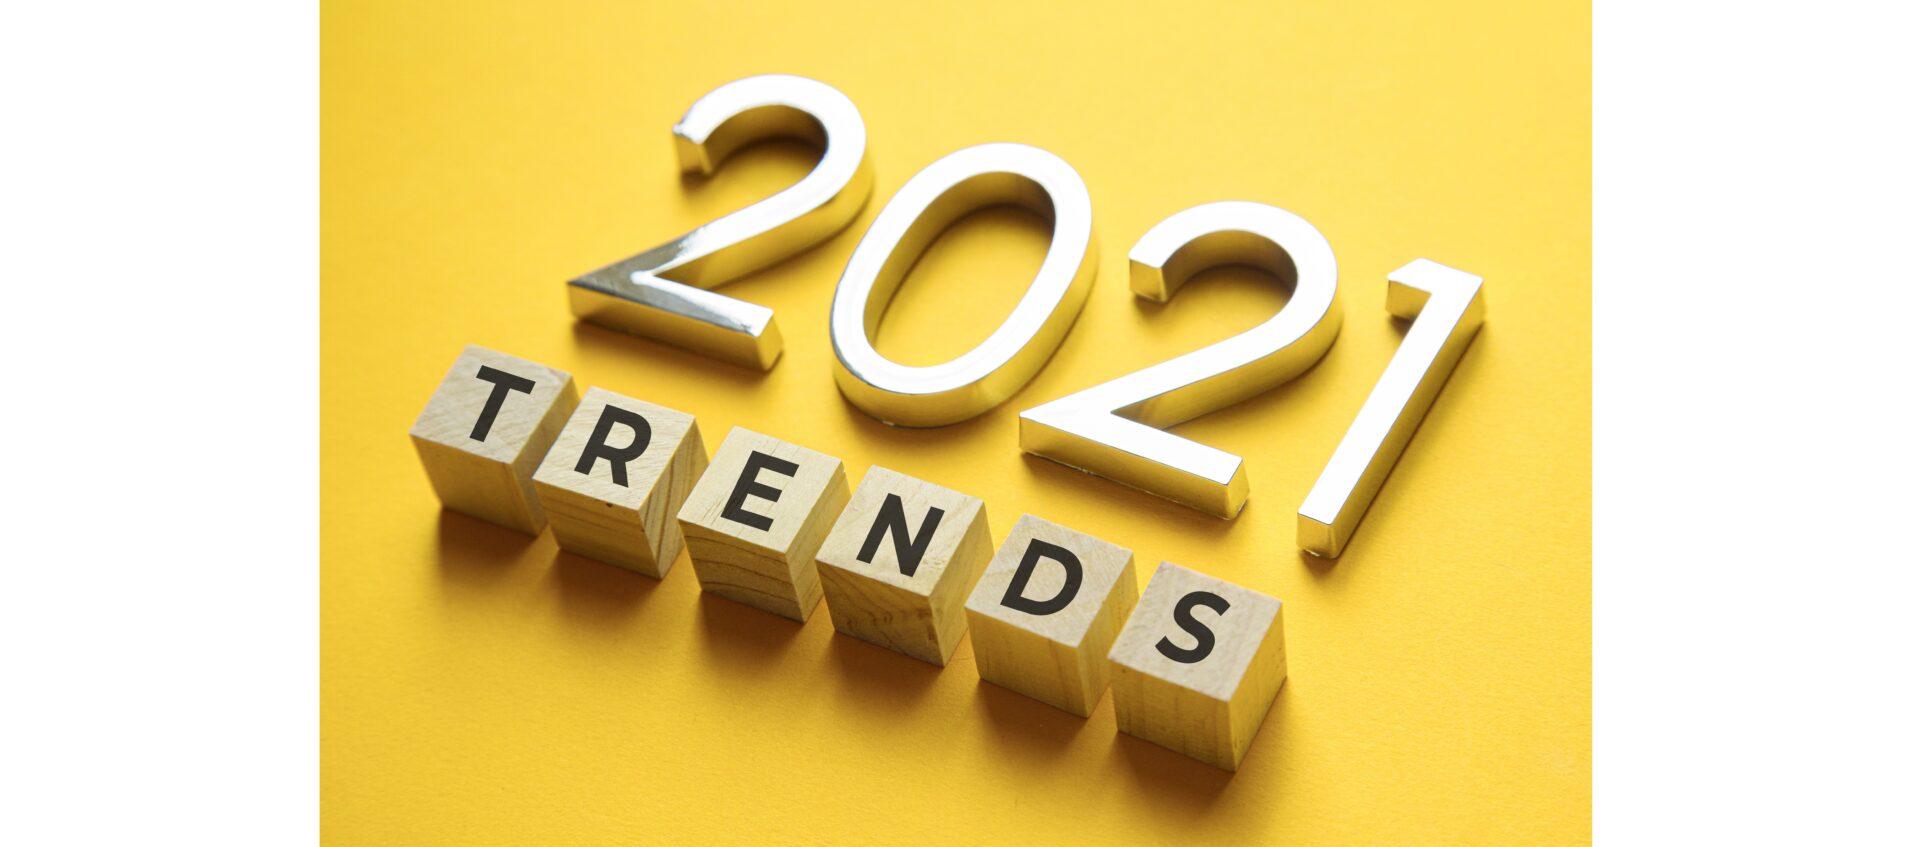 trends 2021